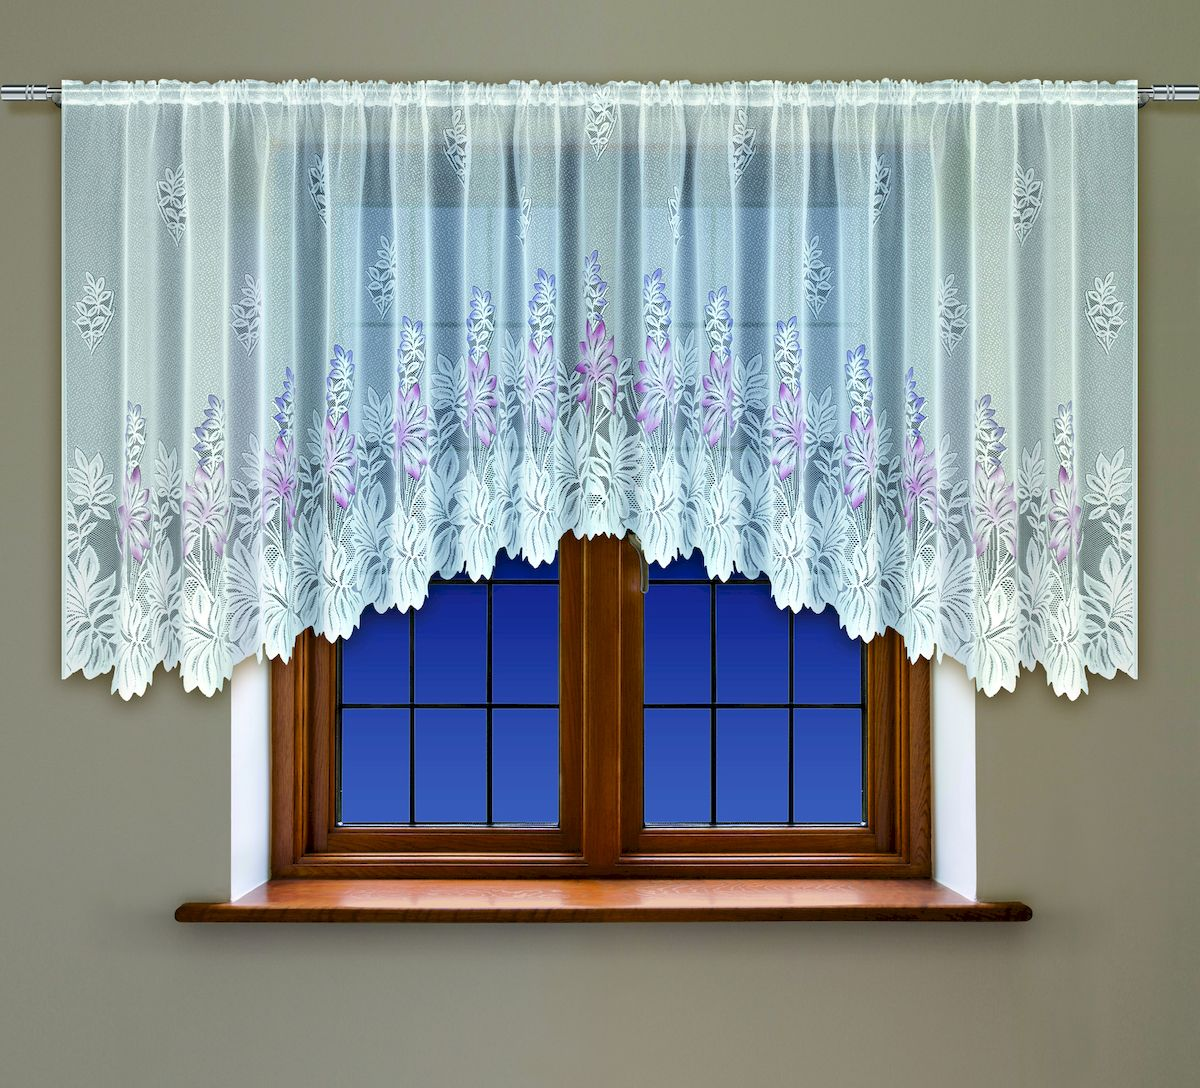 Гардина Haft, на кулиске, цвет: белый, высота 137 см. 20053039111448670Воздушная гардина Haft, выполненная из полиэстера, великолепно украсит любое окно.Изделие имеет оригинальный дизайн и органично впишется в интерьер помещения.Гардина крепится на карниз при помощи кулиски.